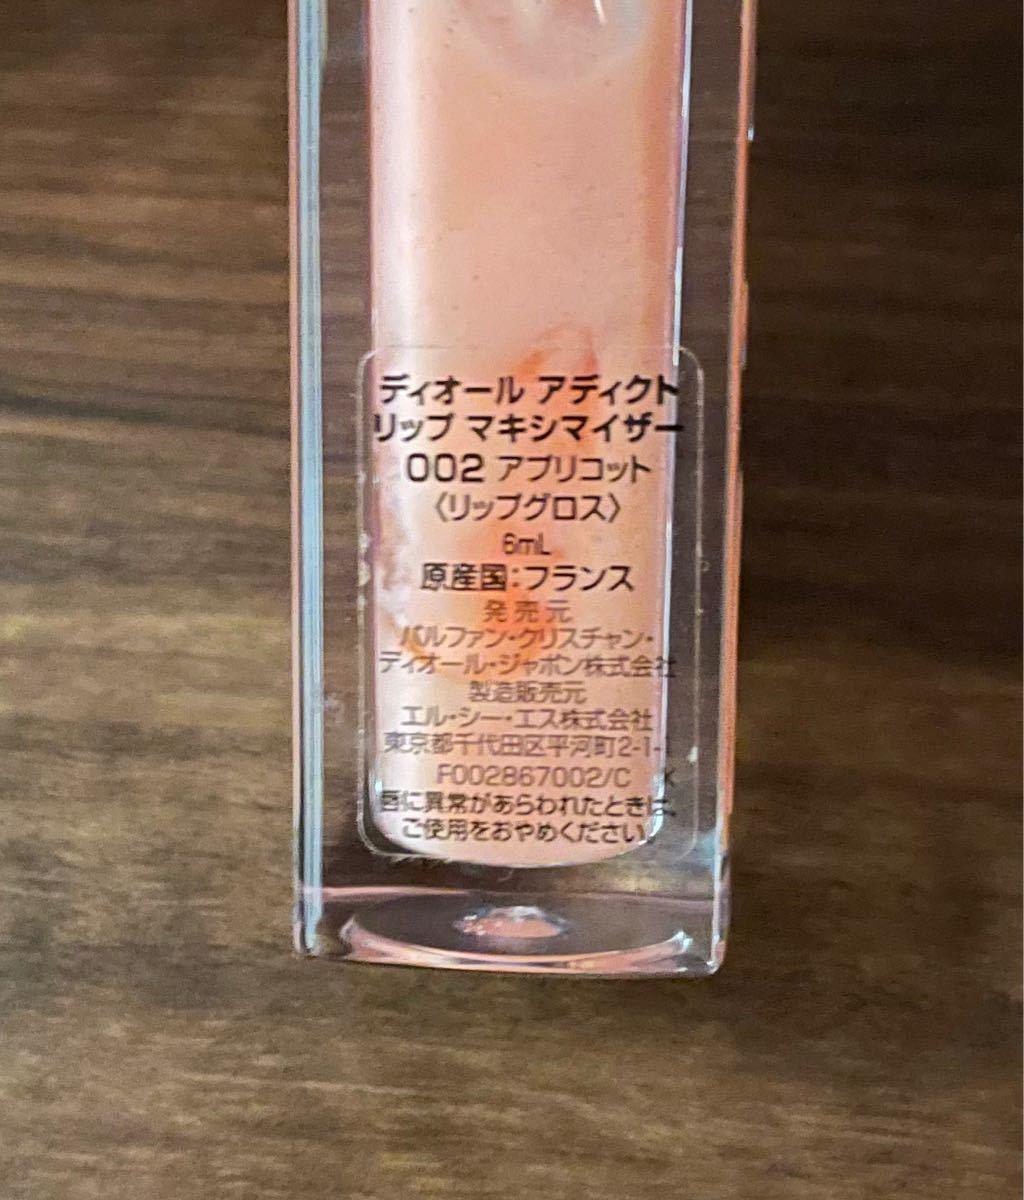 Dior リップグロス  アディクト マキシマイザー 002 アプリコット